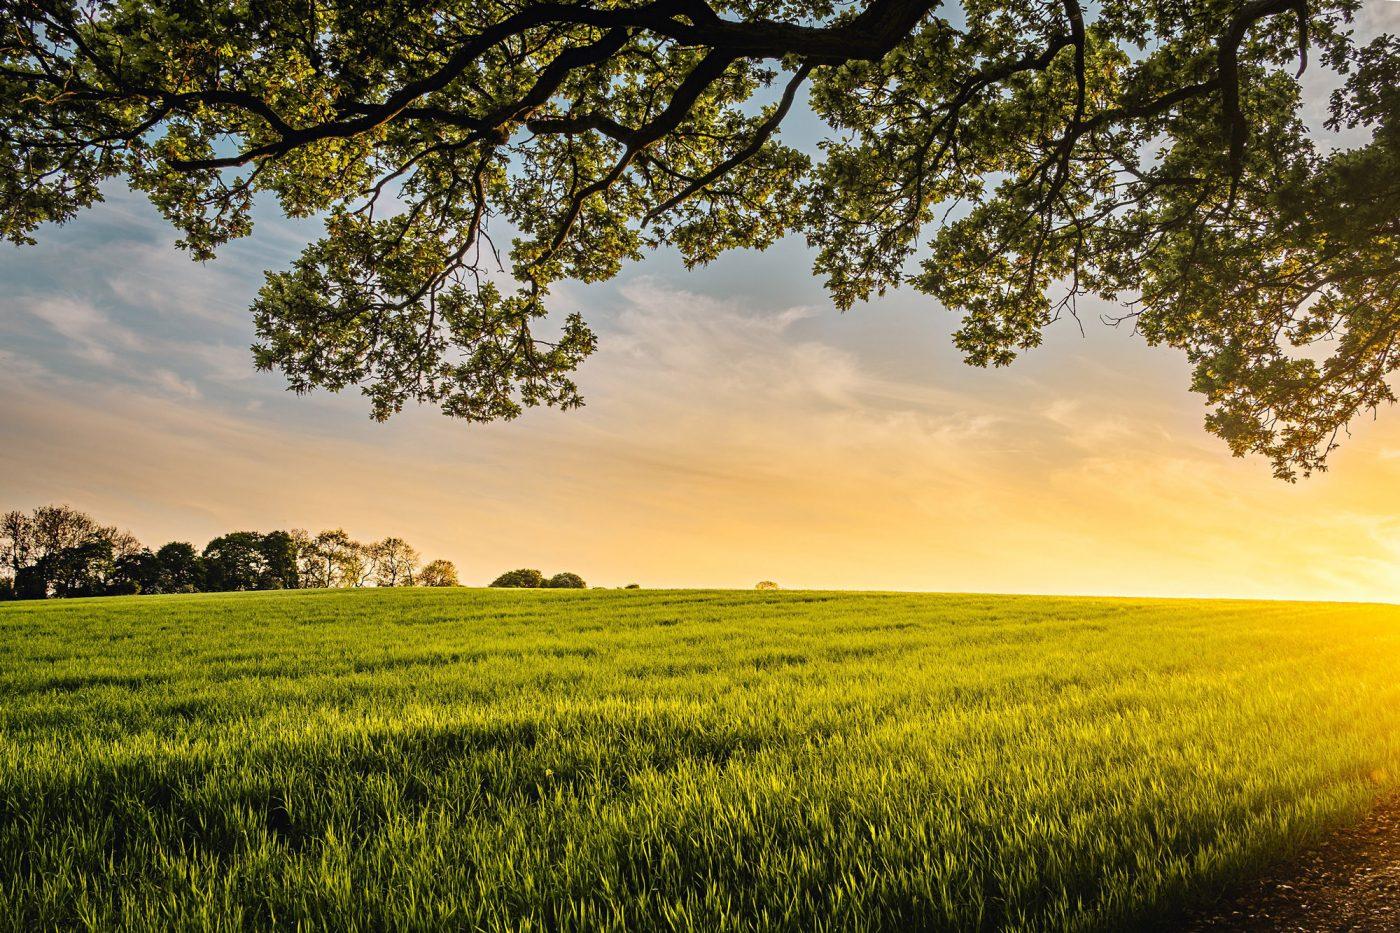 Wiese und Bäume mit aufgehender Sonne im Hintergrund.